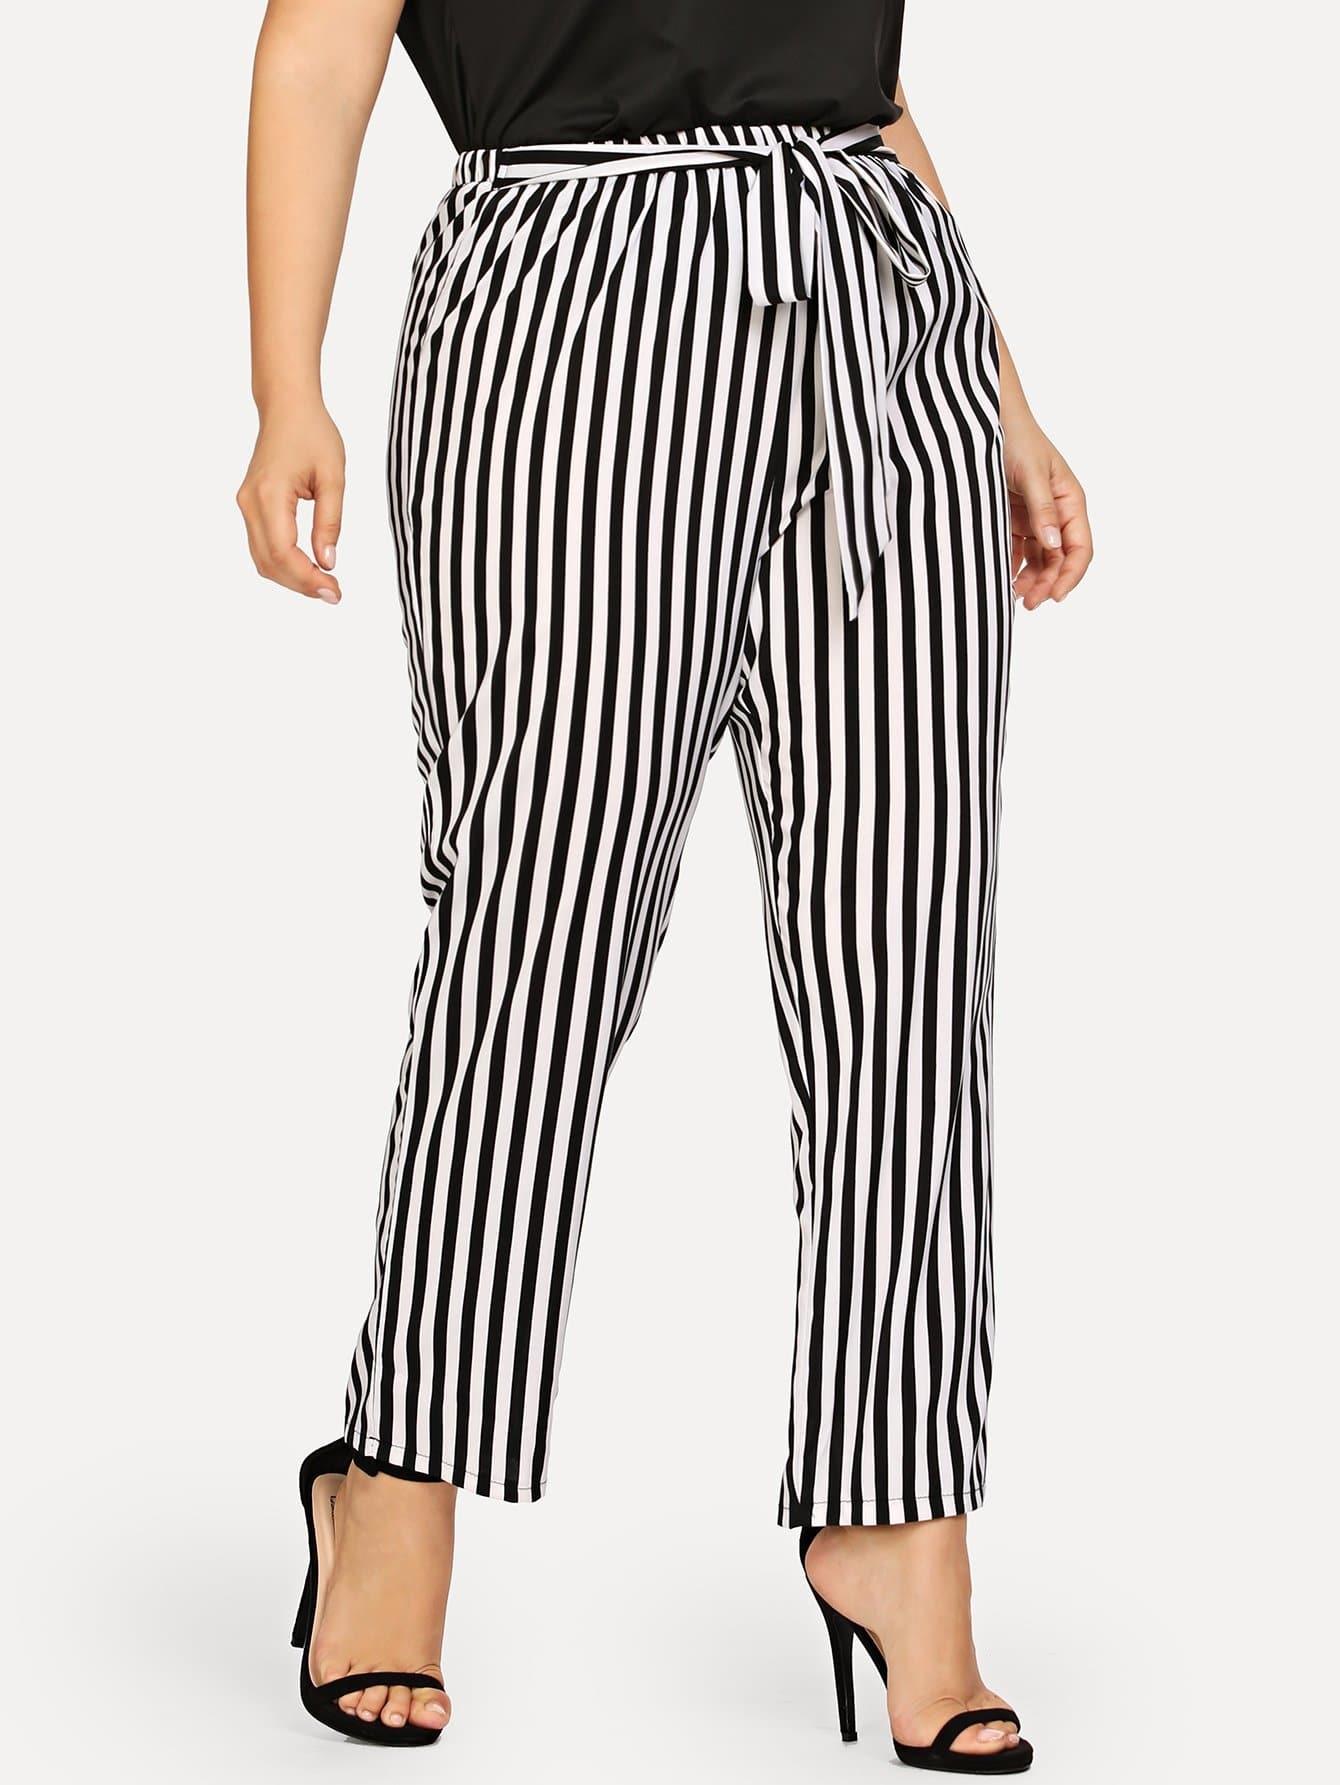 Купить Большие полосатые брюки и с украшением банта перед, Franziska, SheIn